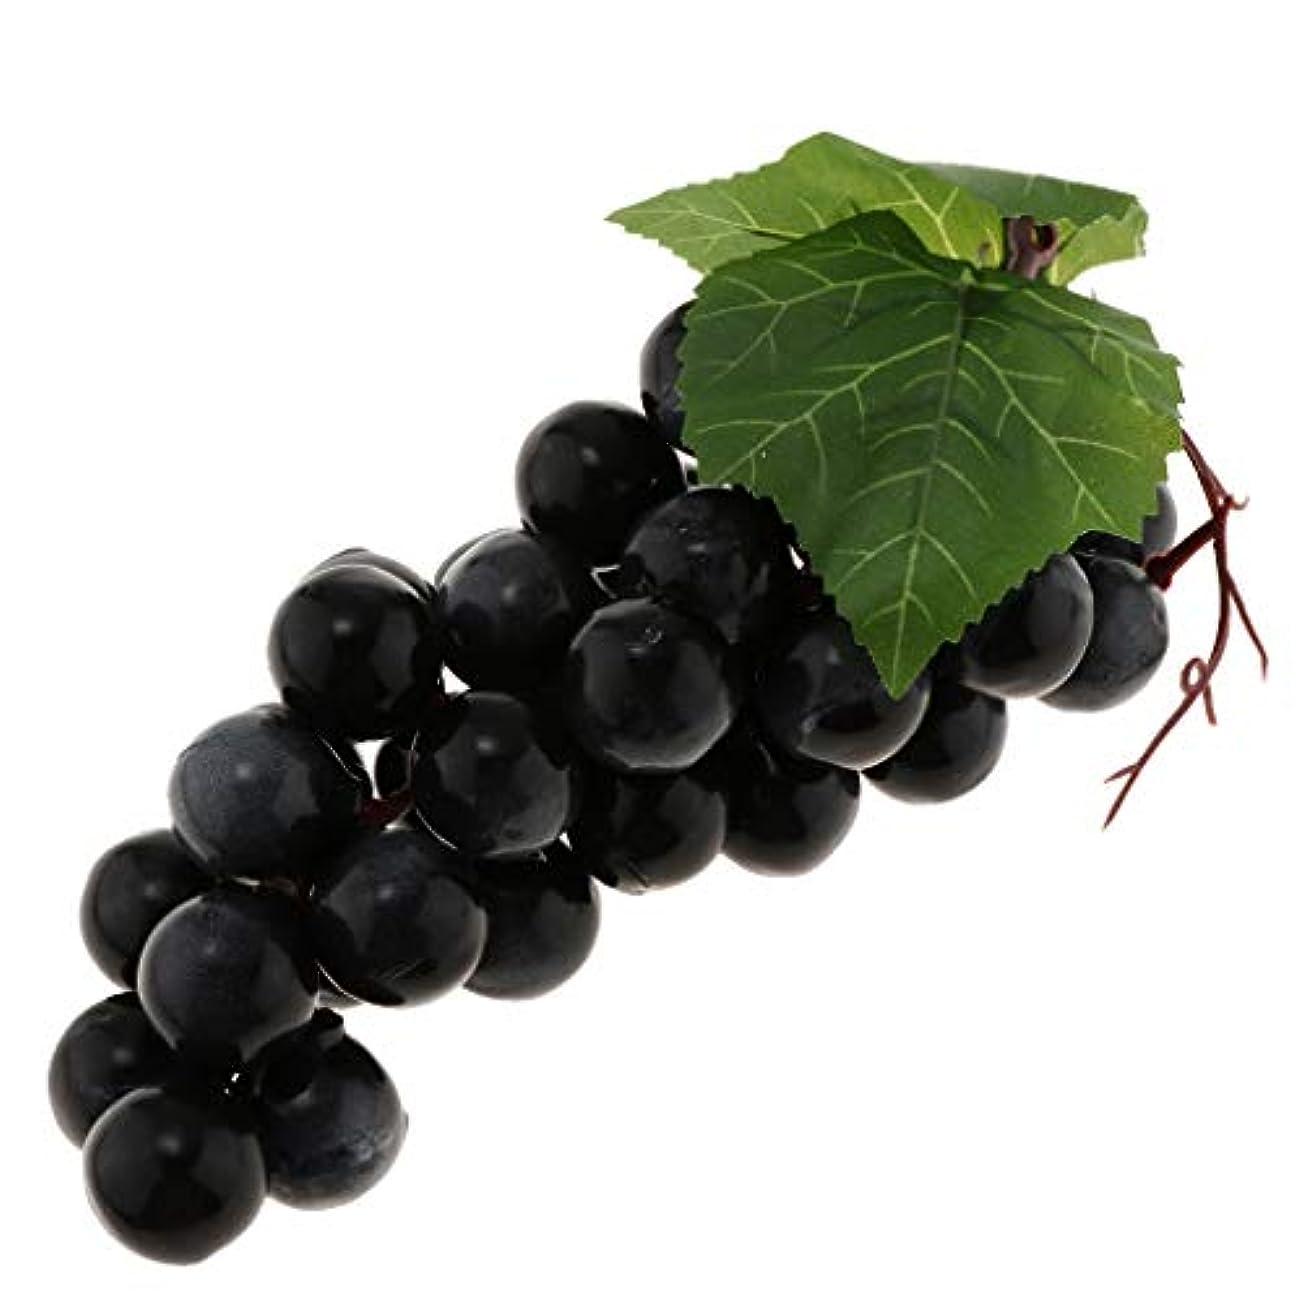 スクラップ祖先底人工葡萄 現実的 果物 キャビネット 窓 掛け 装飾品 子供教育玩具 写真小道具   - 黒36ブドウ